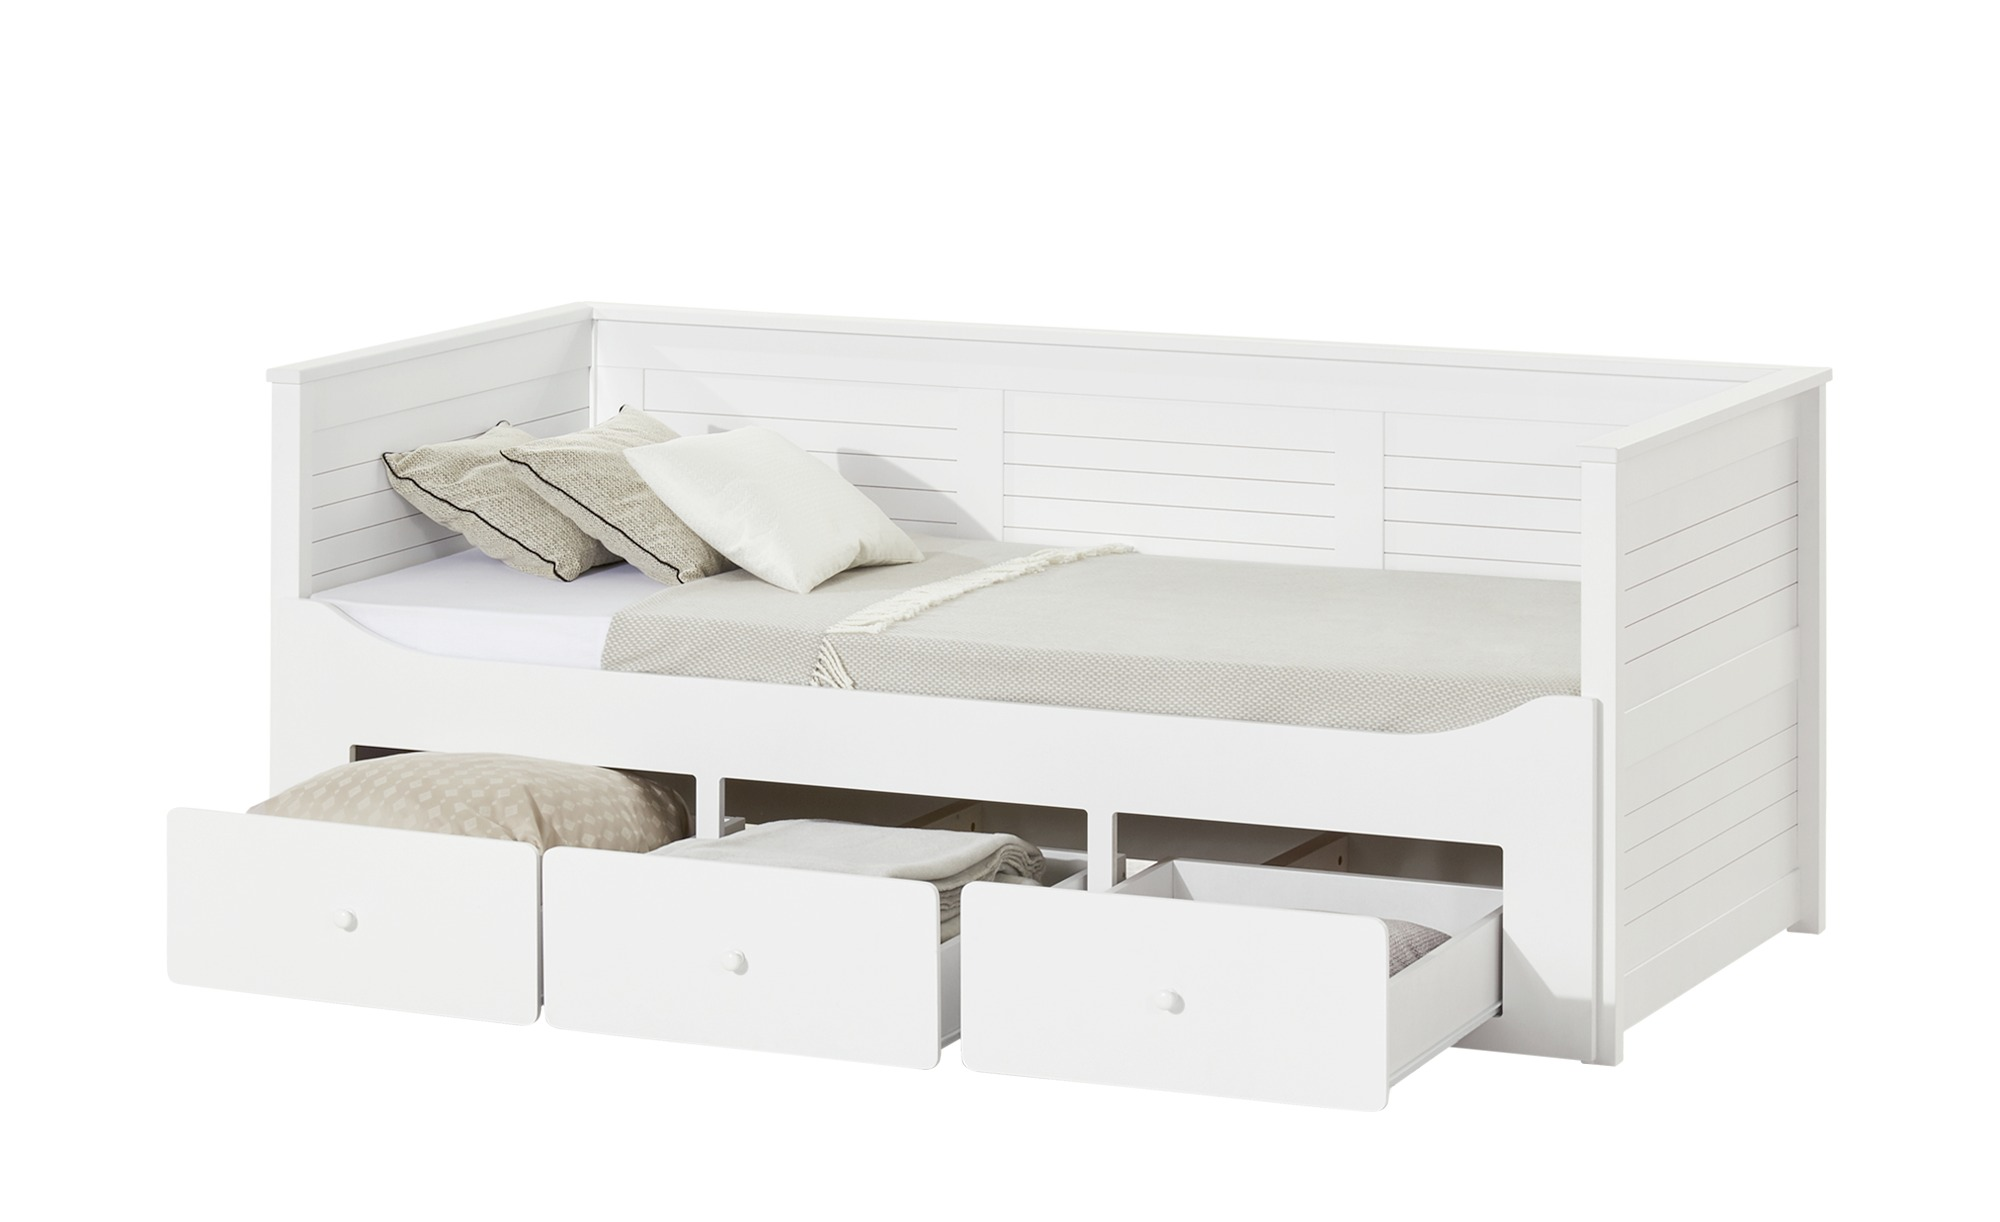 Full Size of Bett Wand Mit Stauraum 160x200 Ebay Betten Inkontinenzeinlagen Holz Test 90x200 Lattenrost Und Matratze Bette Badewannen 200x200 Günstig Kaufen 180x200 Bett Ausziehbares Bett